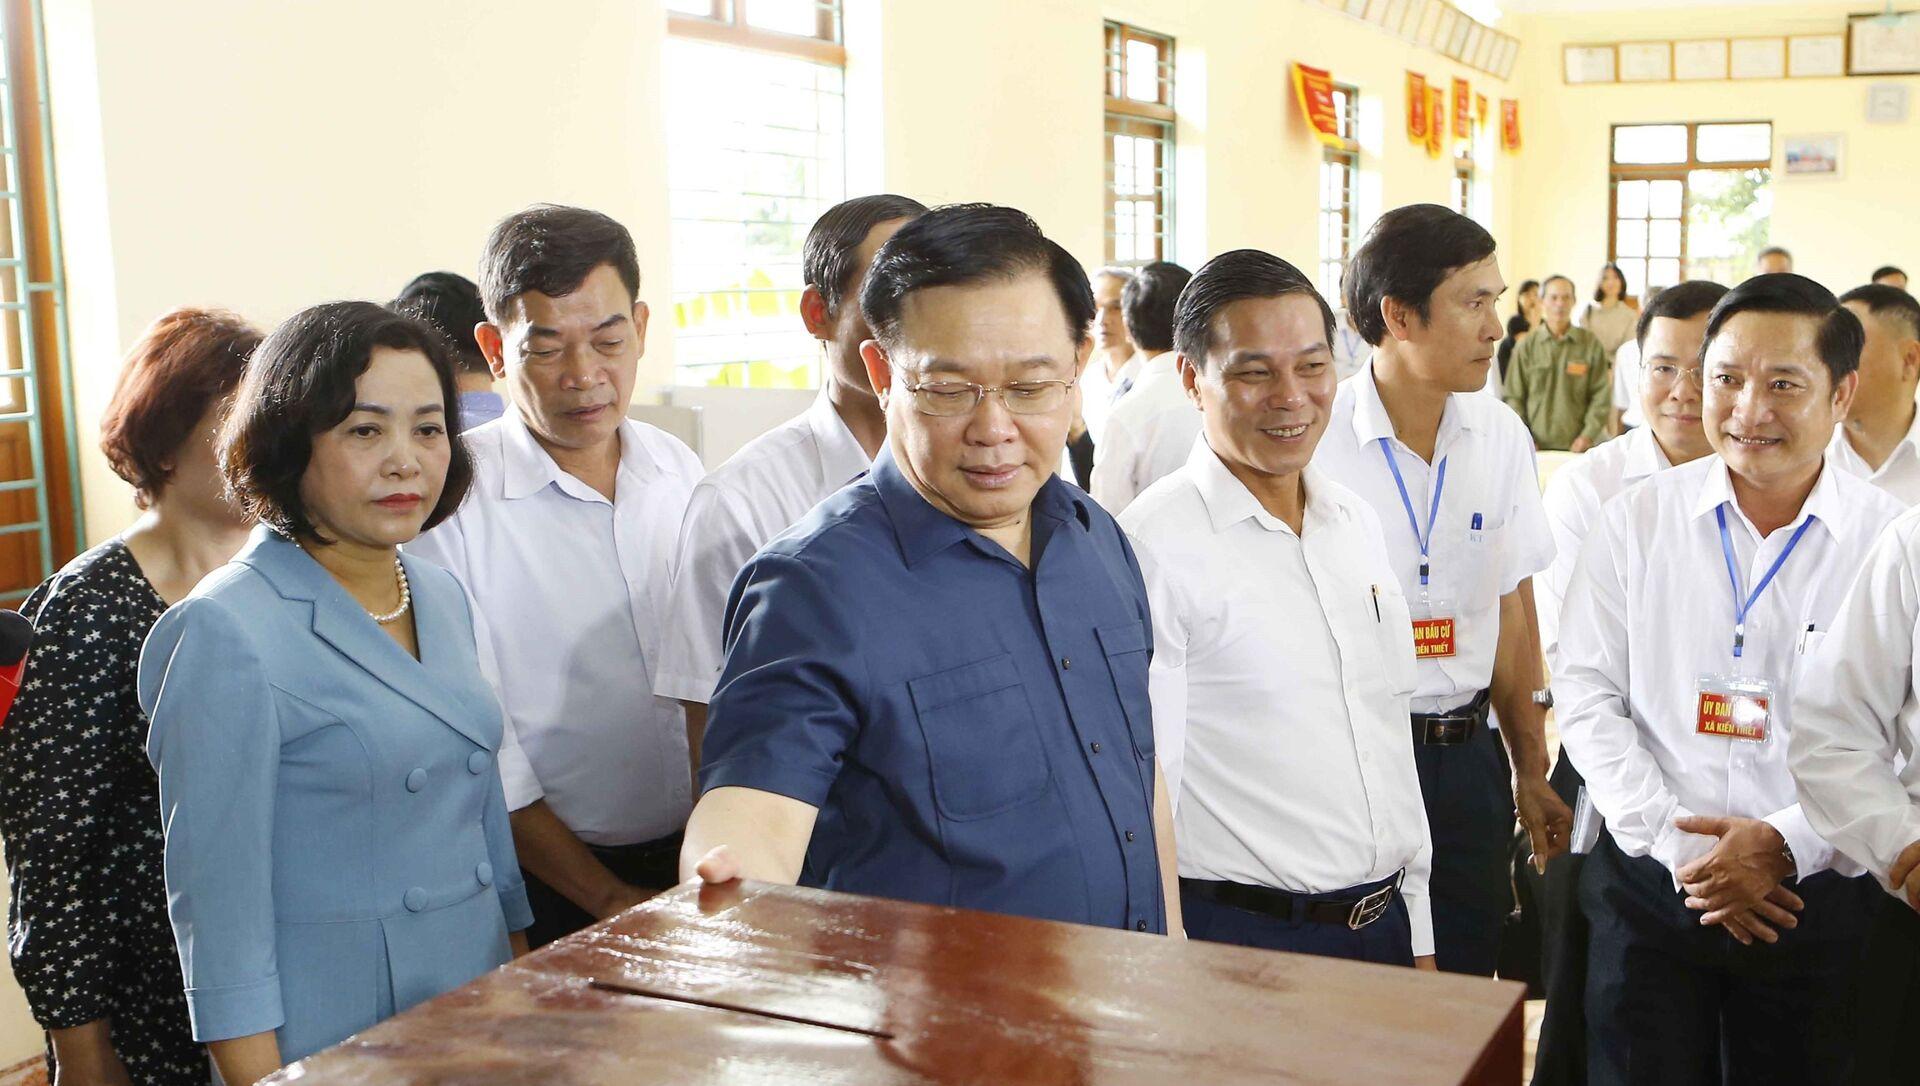 Chủ tịch Quốc hội Vương Đình Huệ kiểm tra công tác bầu cử ở Khu vực bỏ phiếu số 5, thôn Nam Tử, xã Kiến Thiết.  - Sputnik Việt Nam, 1920, 05.05.2021